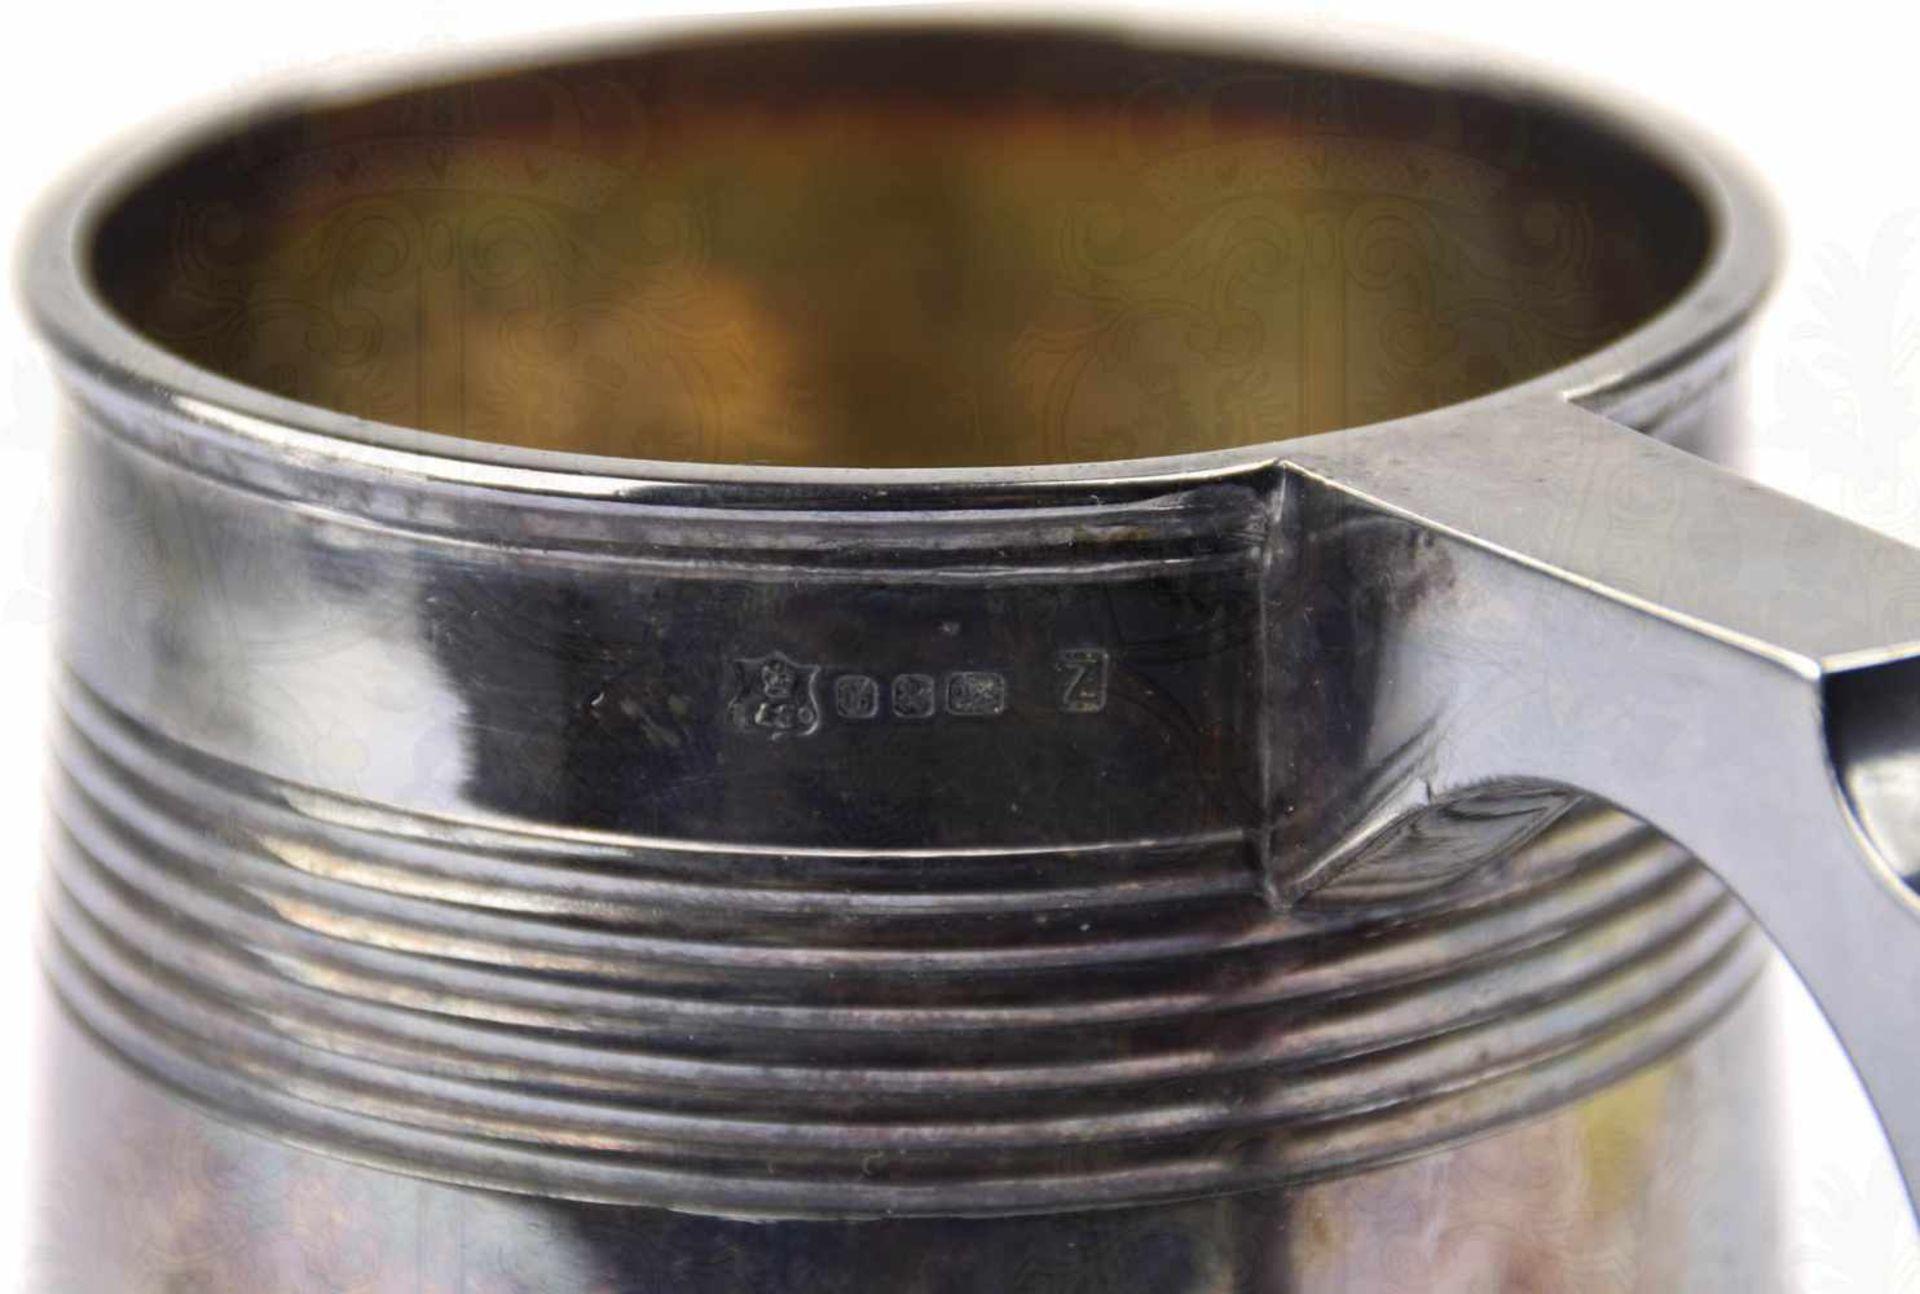 """SILVER-PLATED-BIERKRUG, 1/2 L., Hersteller """"Elkington &. Co."""" sowie """"A 2437"""" im Bodenrand, Henkel - Bild 5 aus 7"""